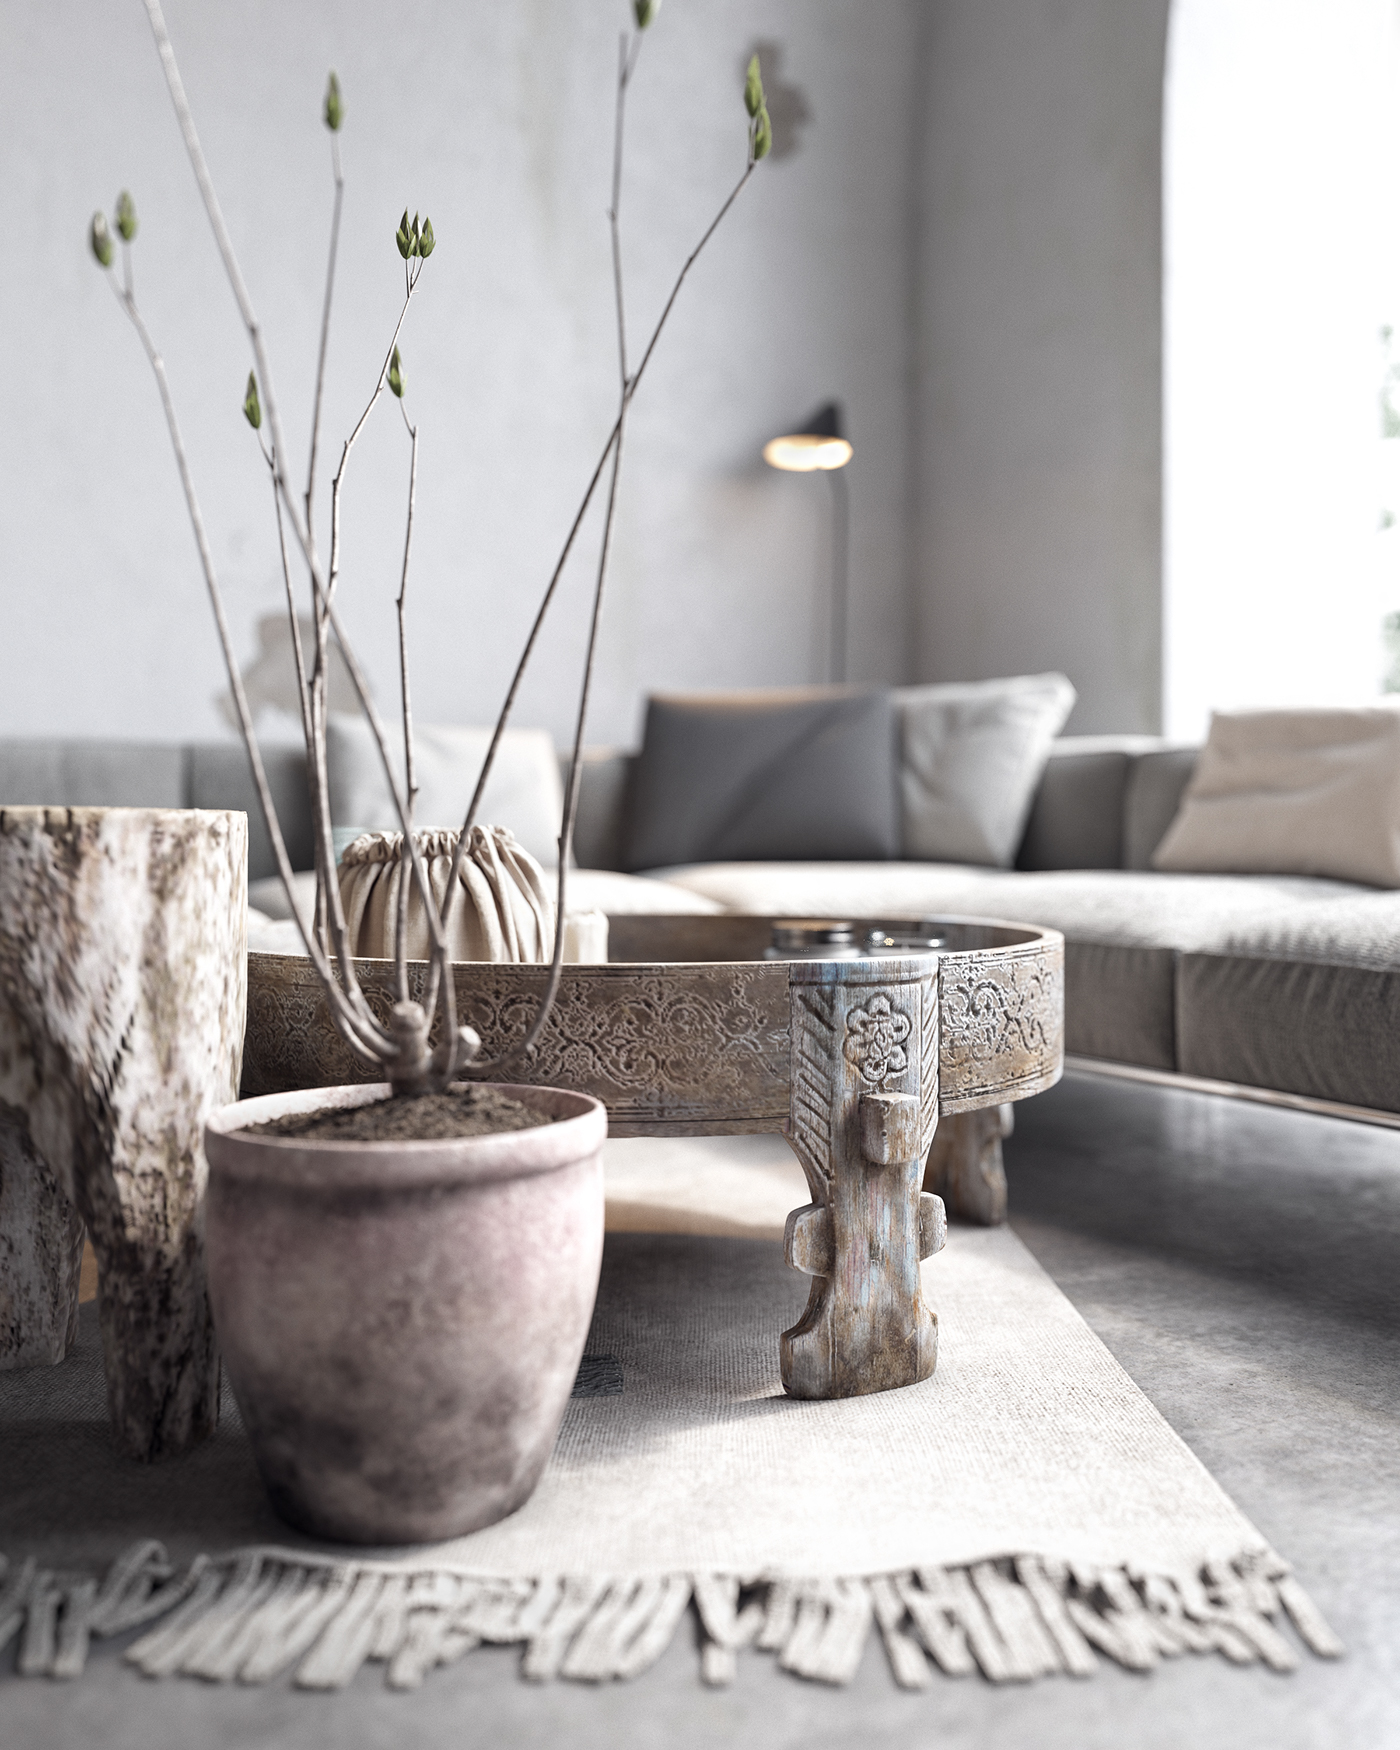 Pot en terre et table en bois de style ethnique